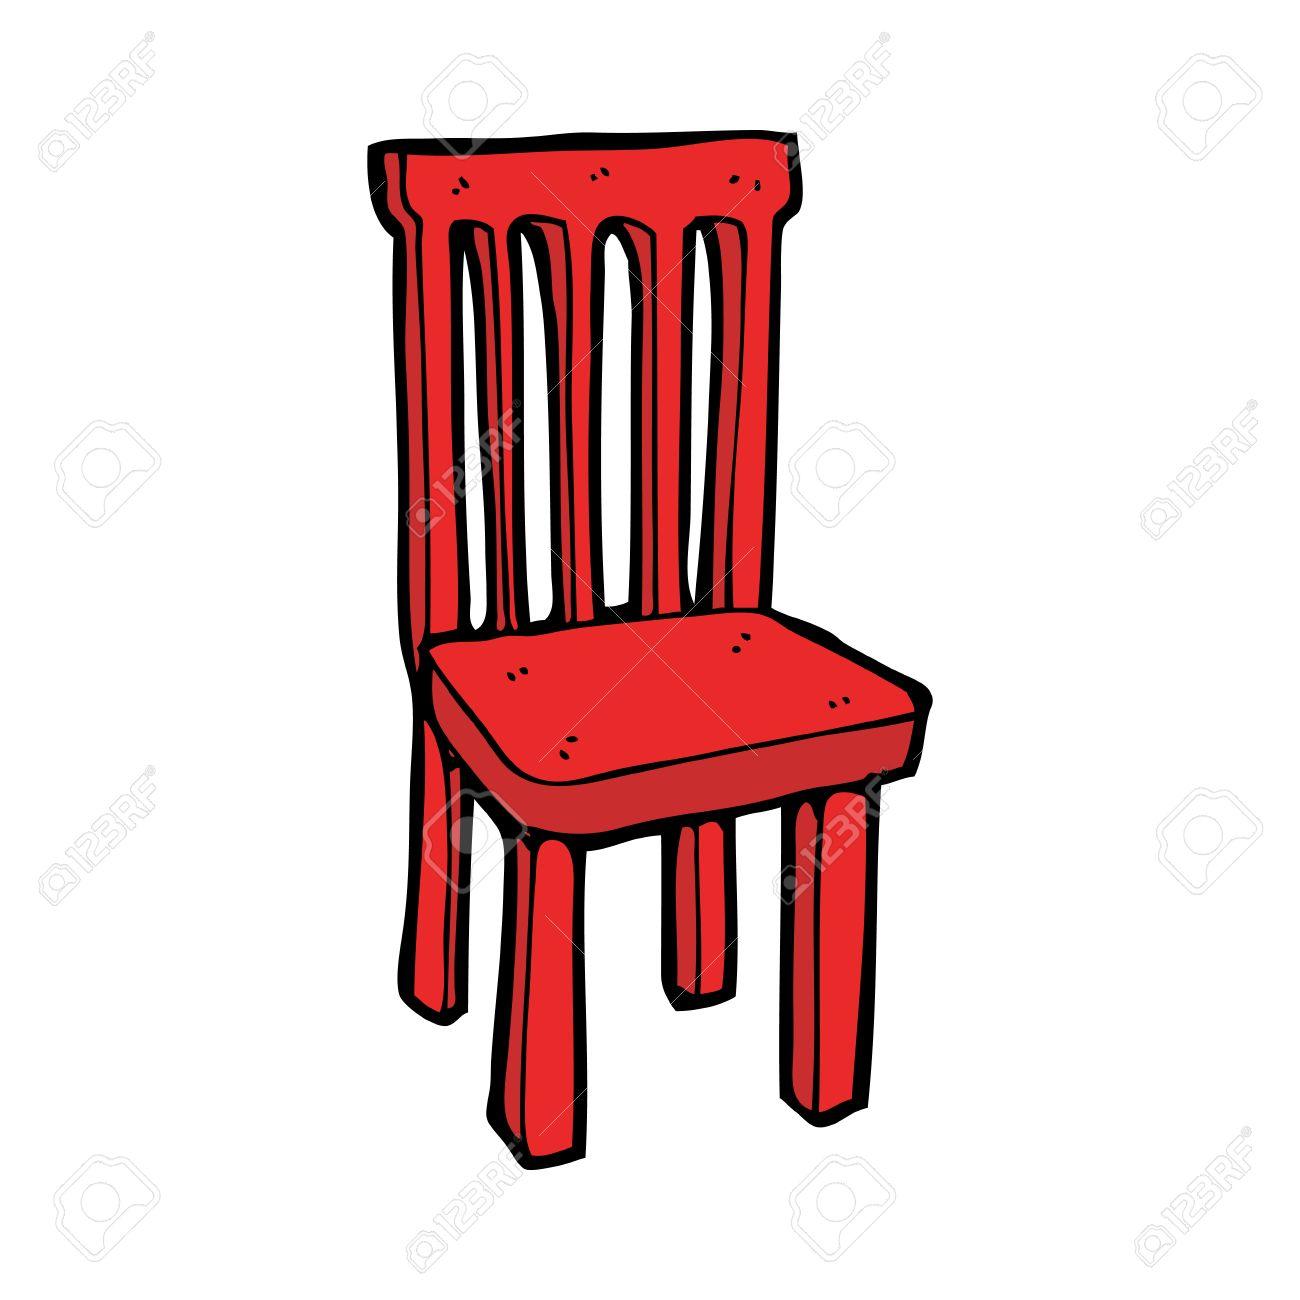 Resultado de imagen para silla animado